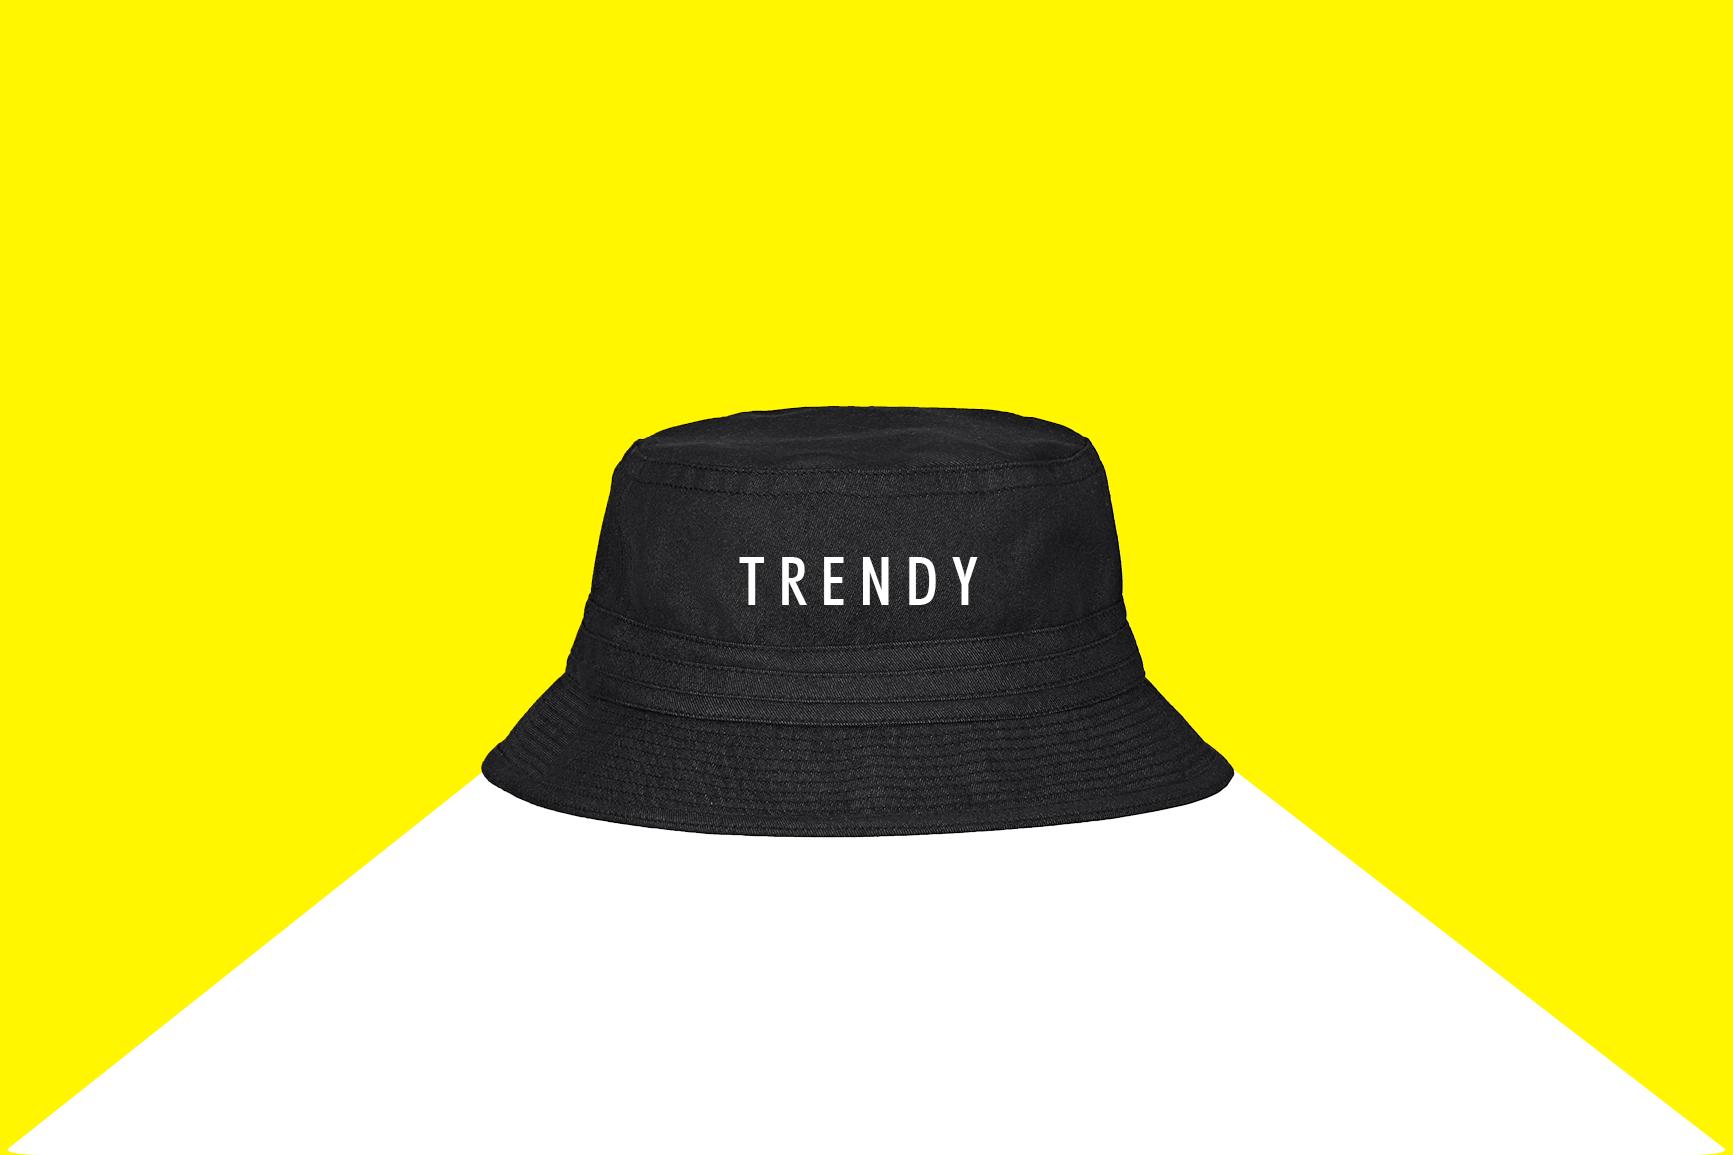 ¿Creatividad o tendencia? / Creativity or trend?